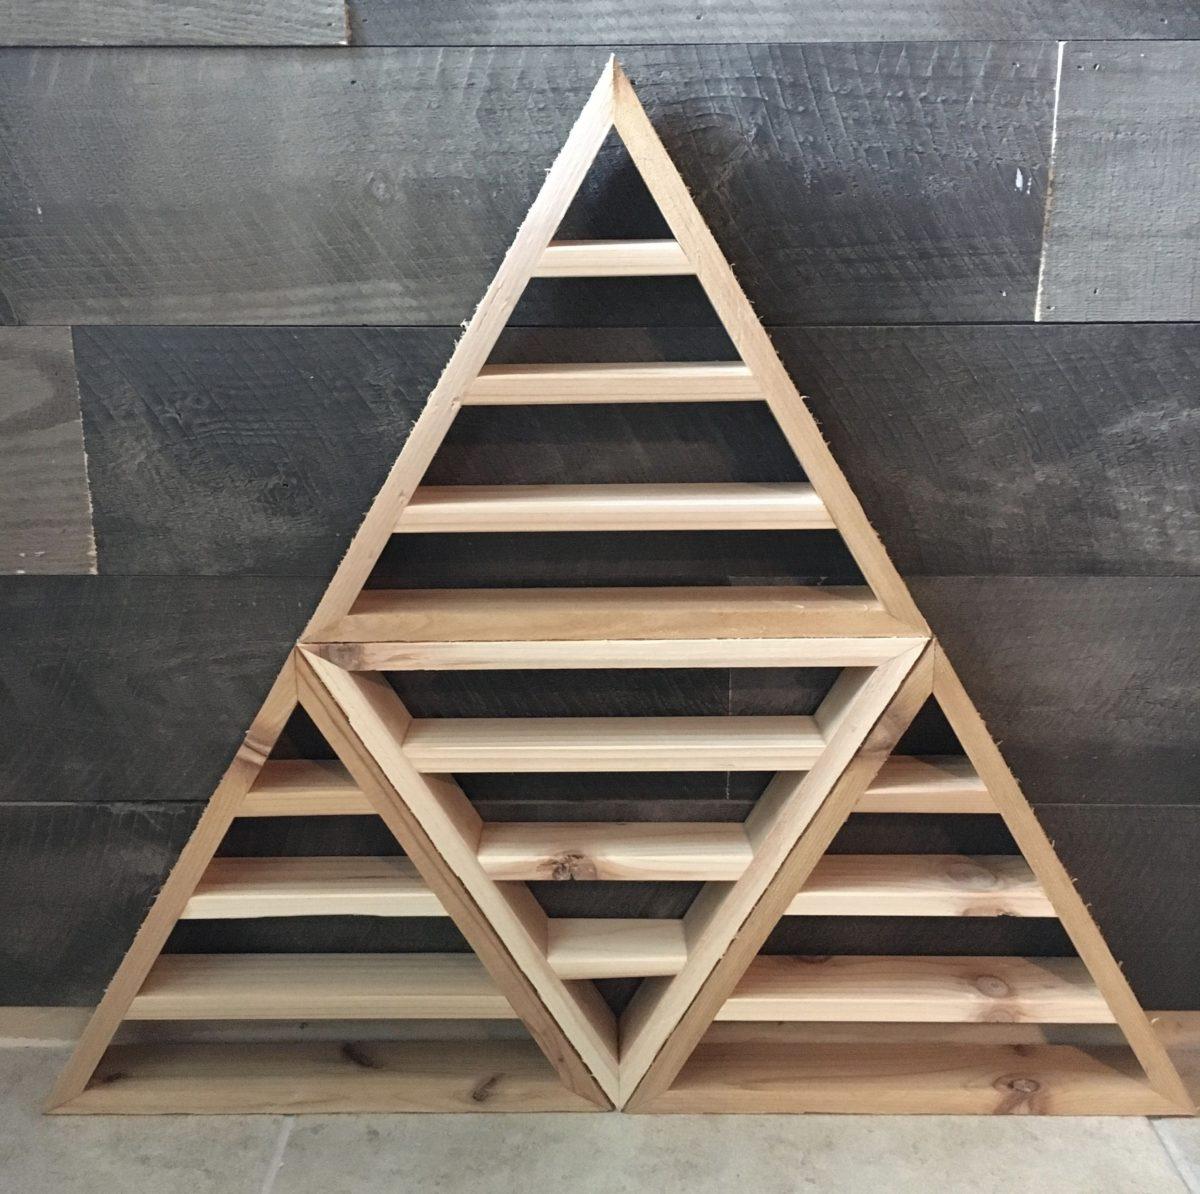 libreria-piramide-somma